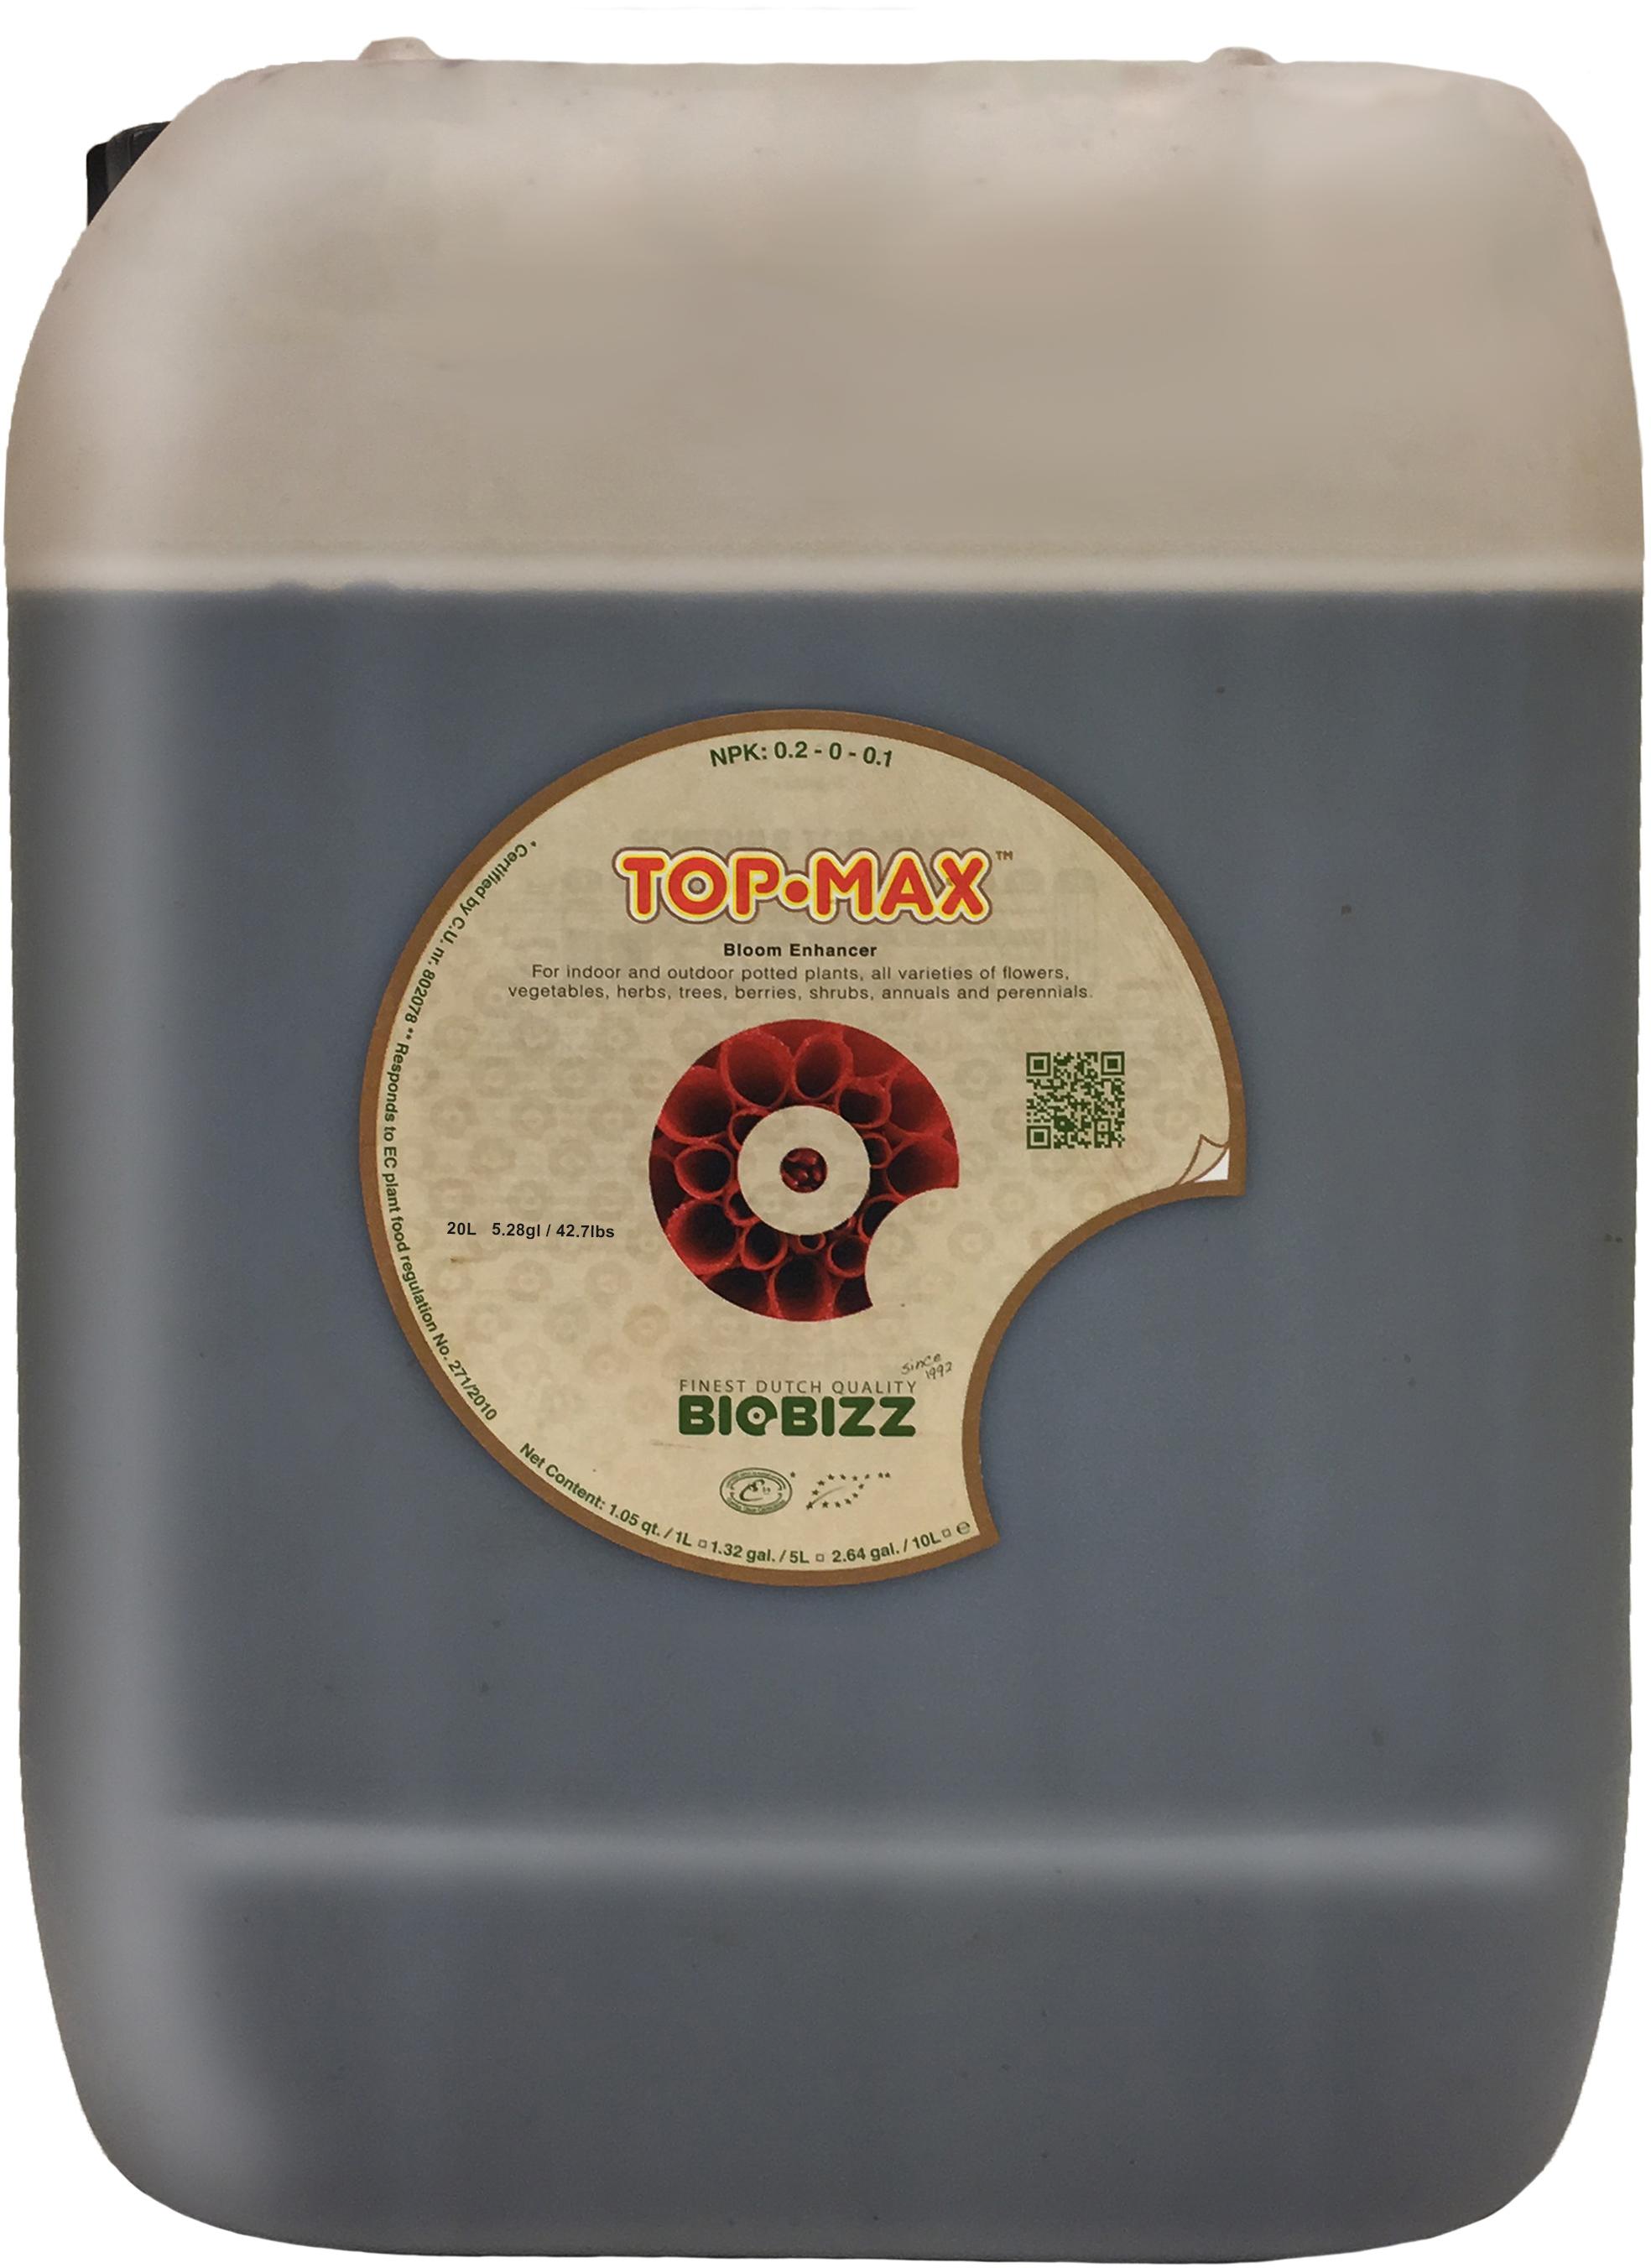 Biobizz Top-Max 20L